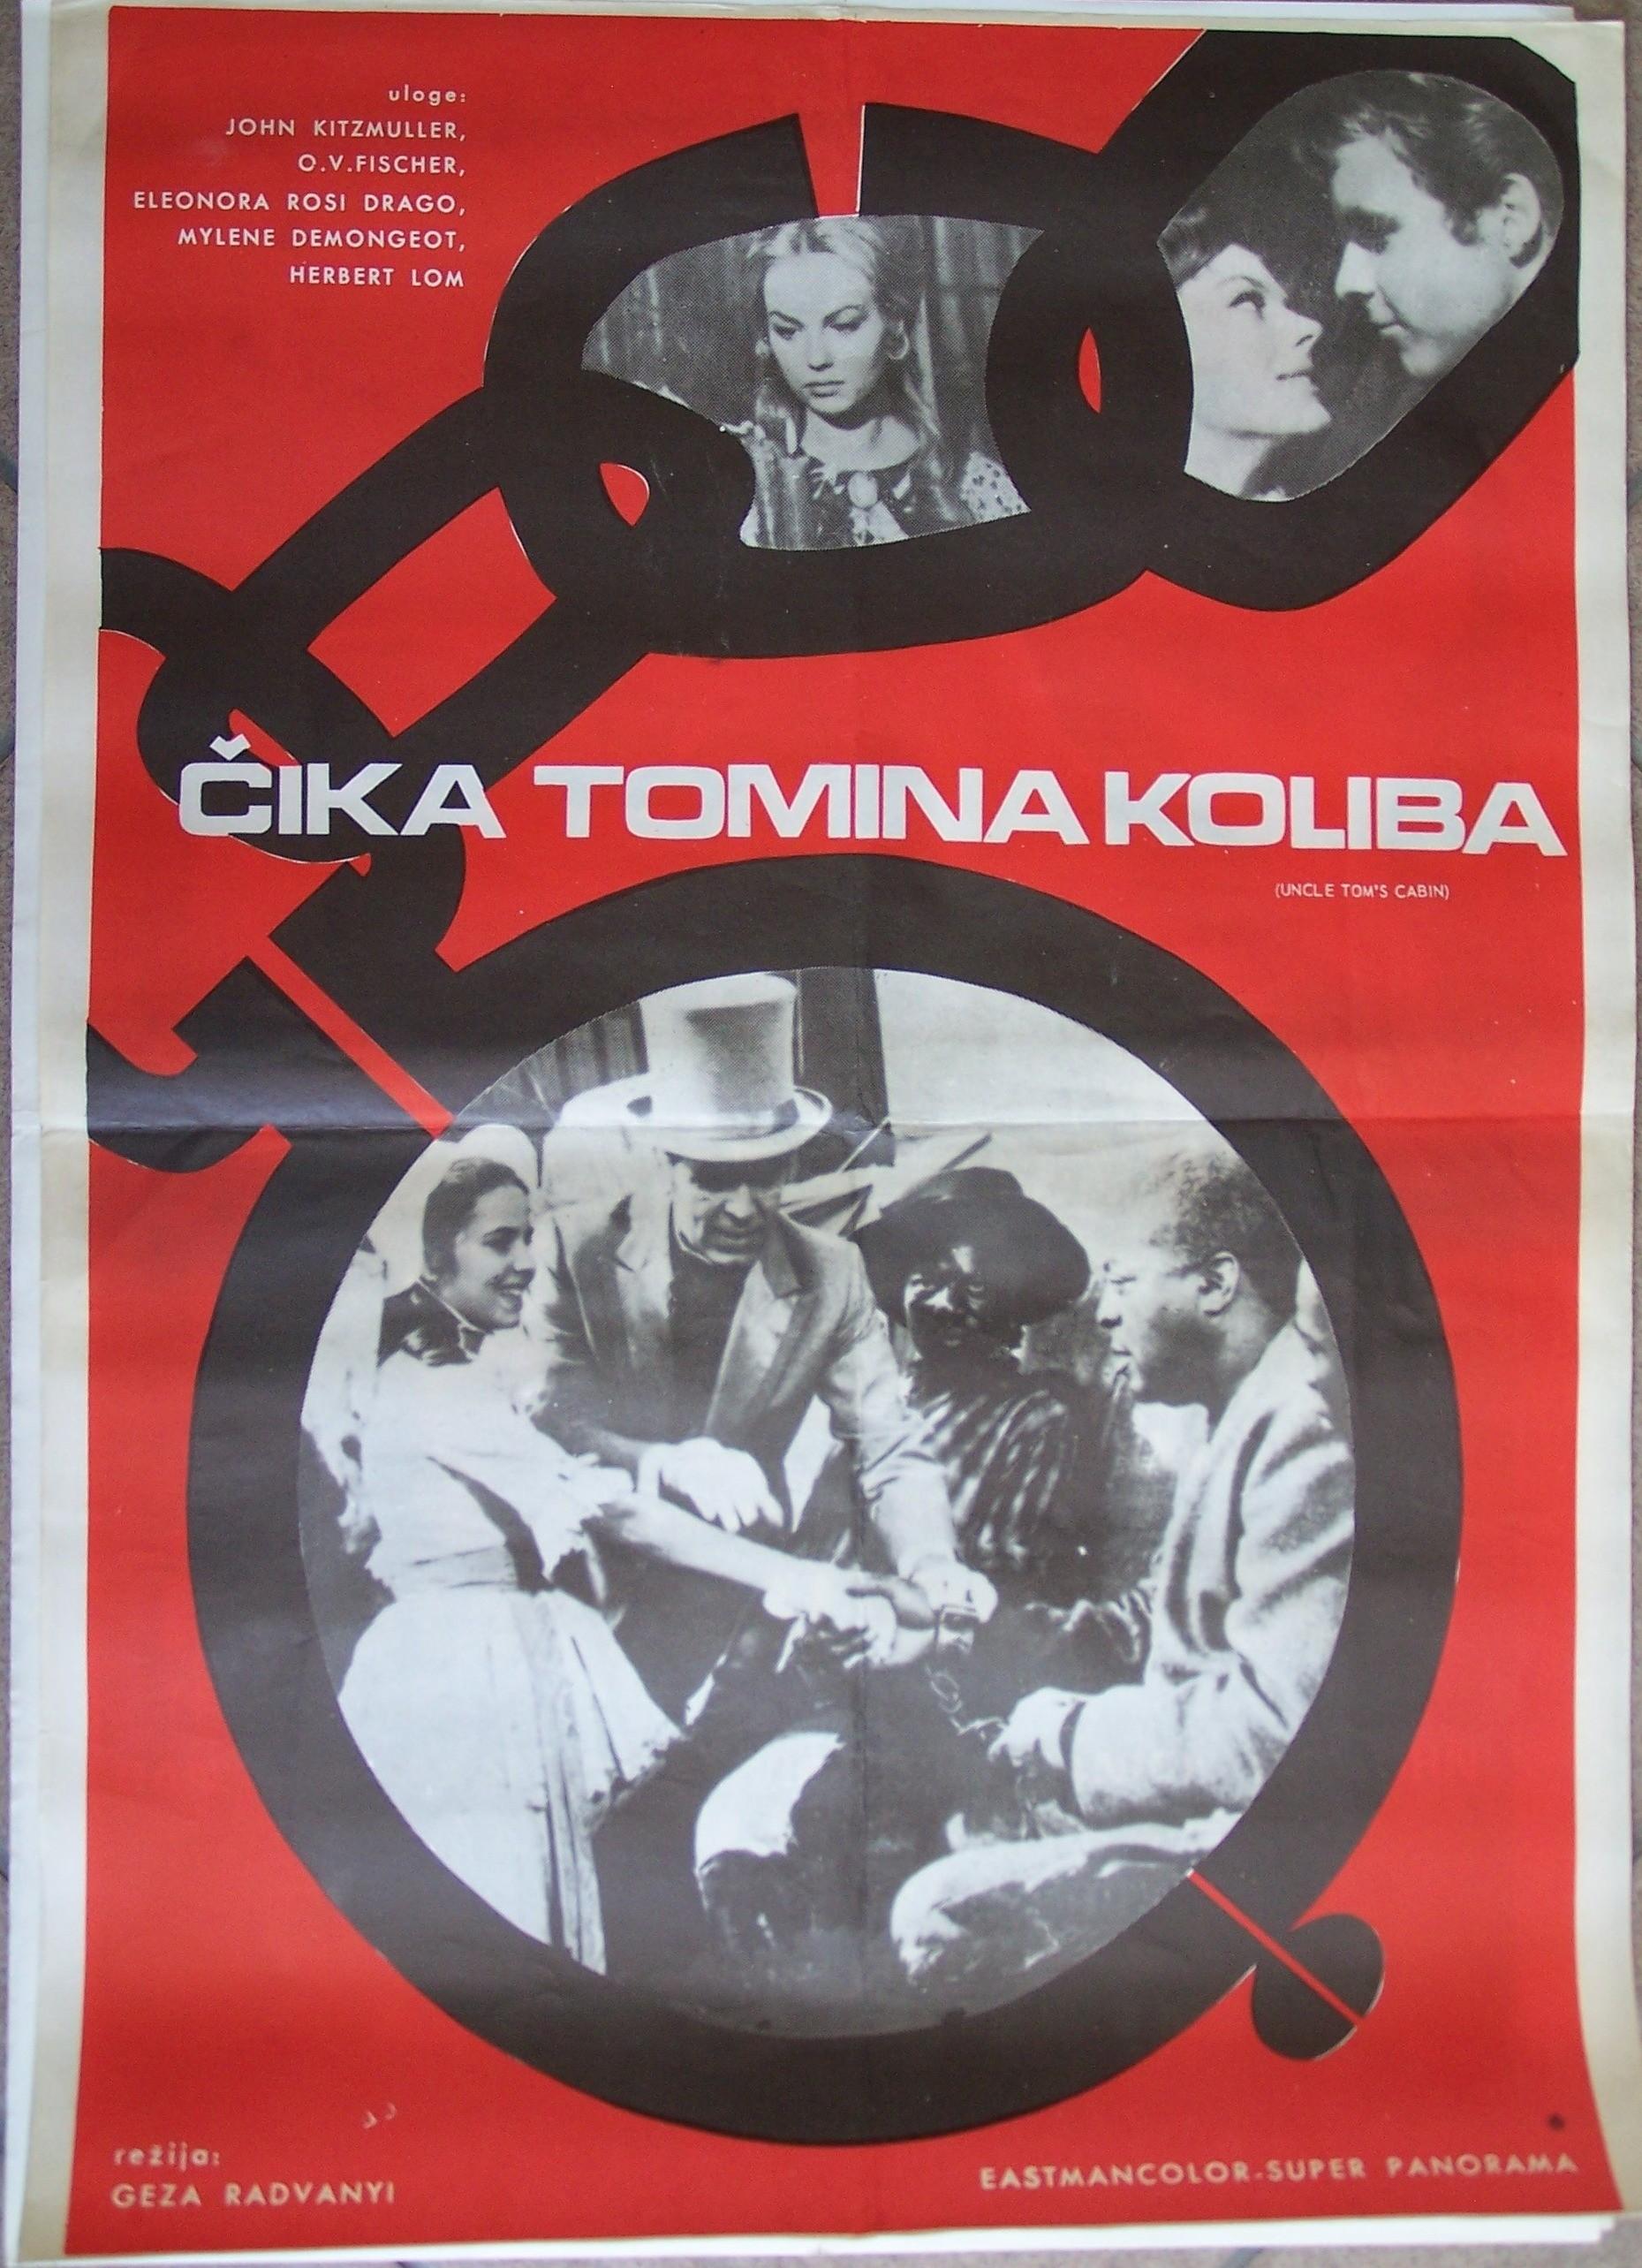 Čika Tomina Koliba